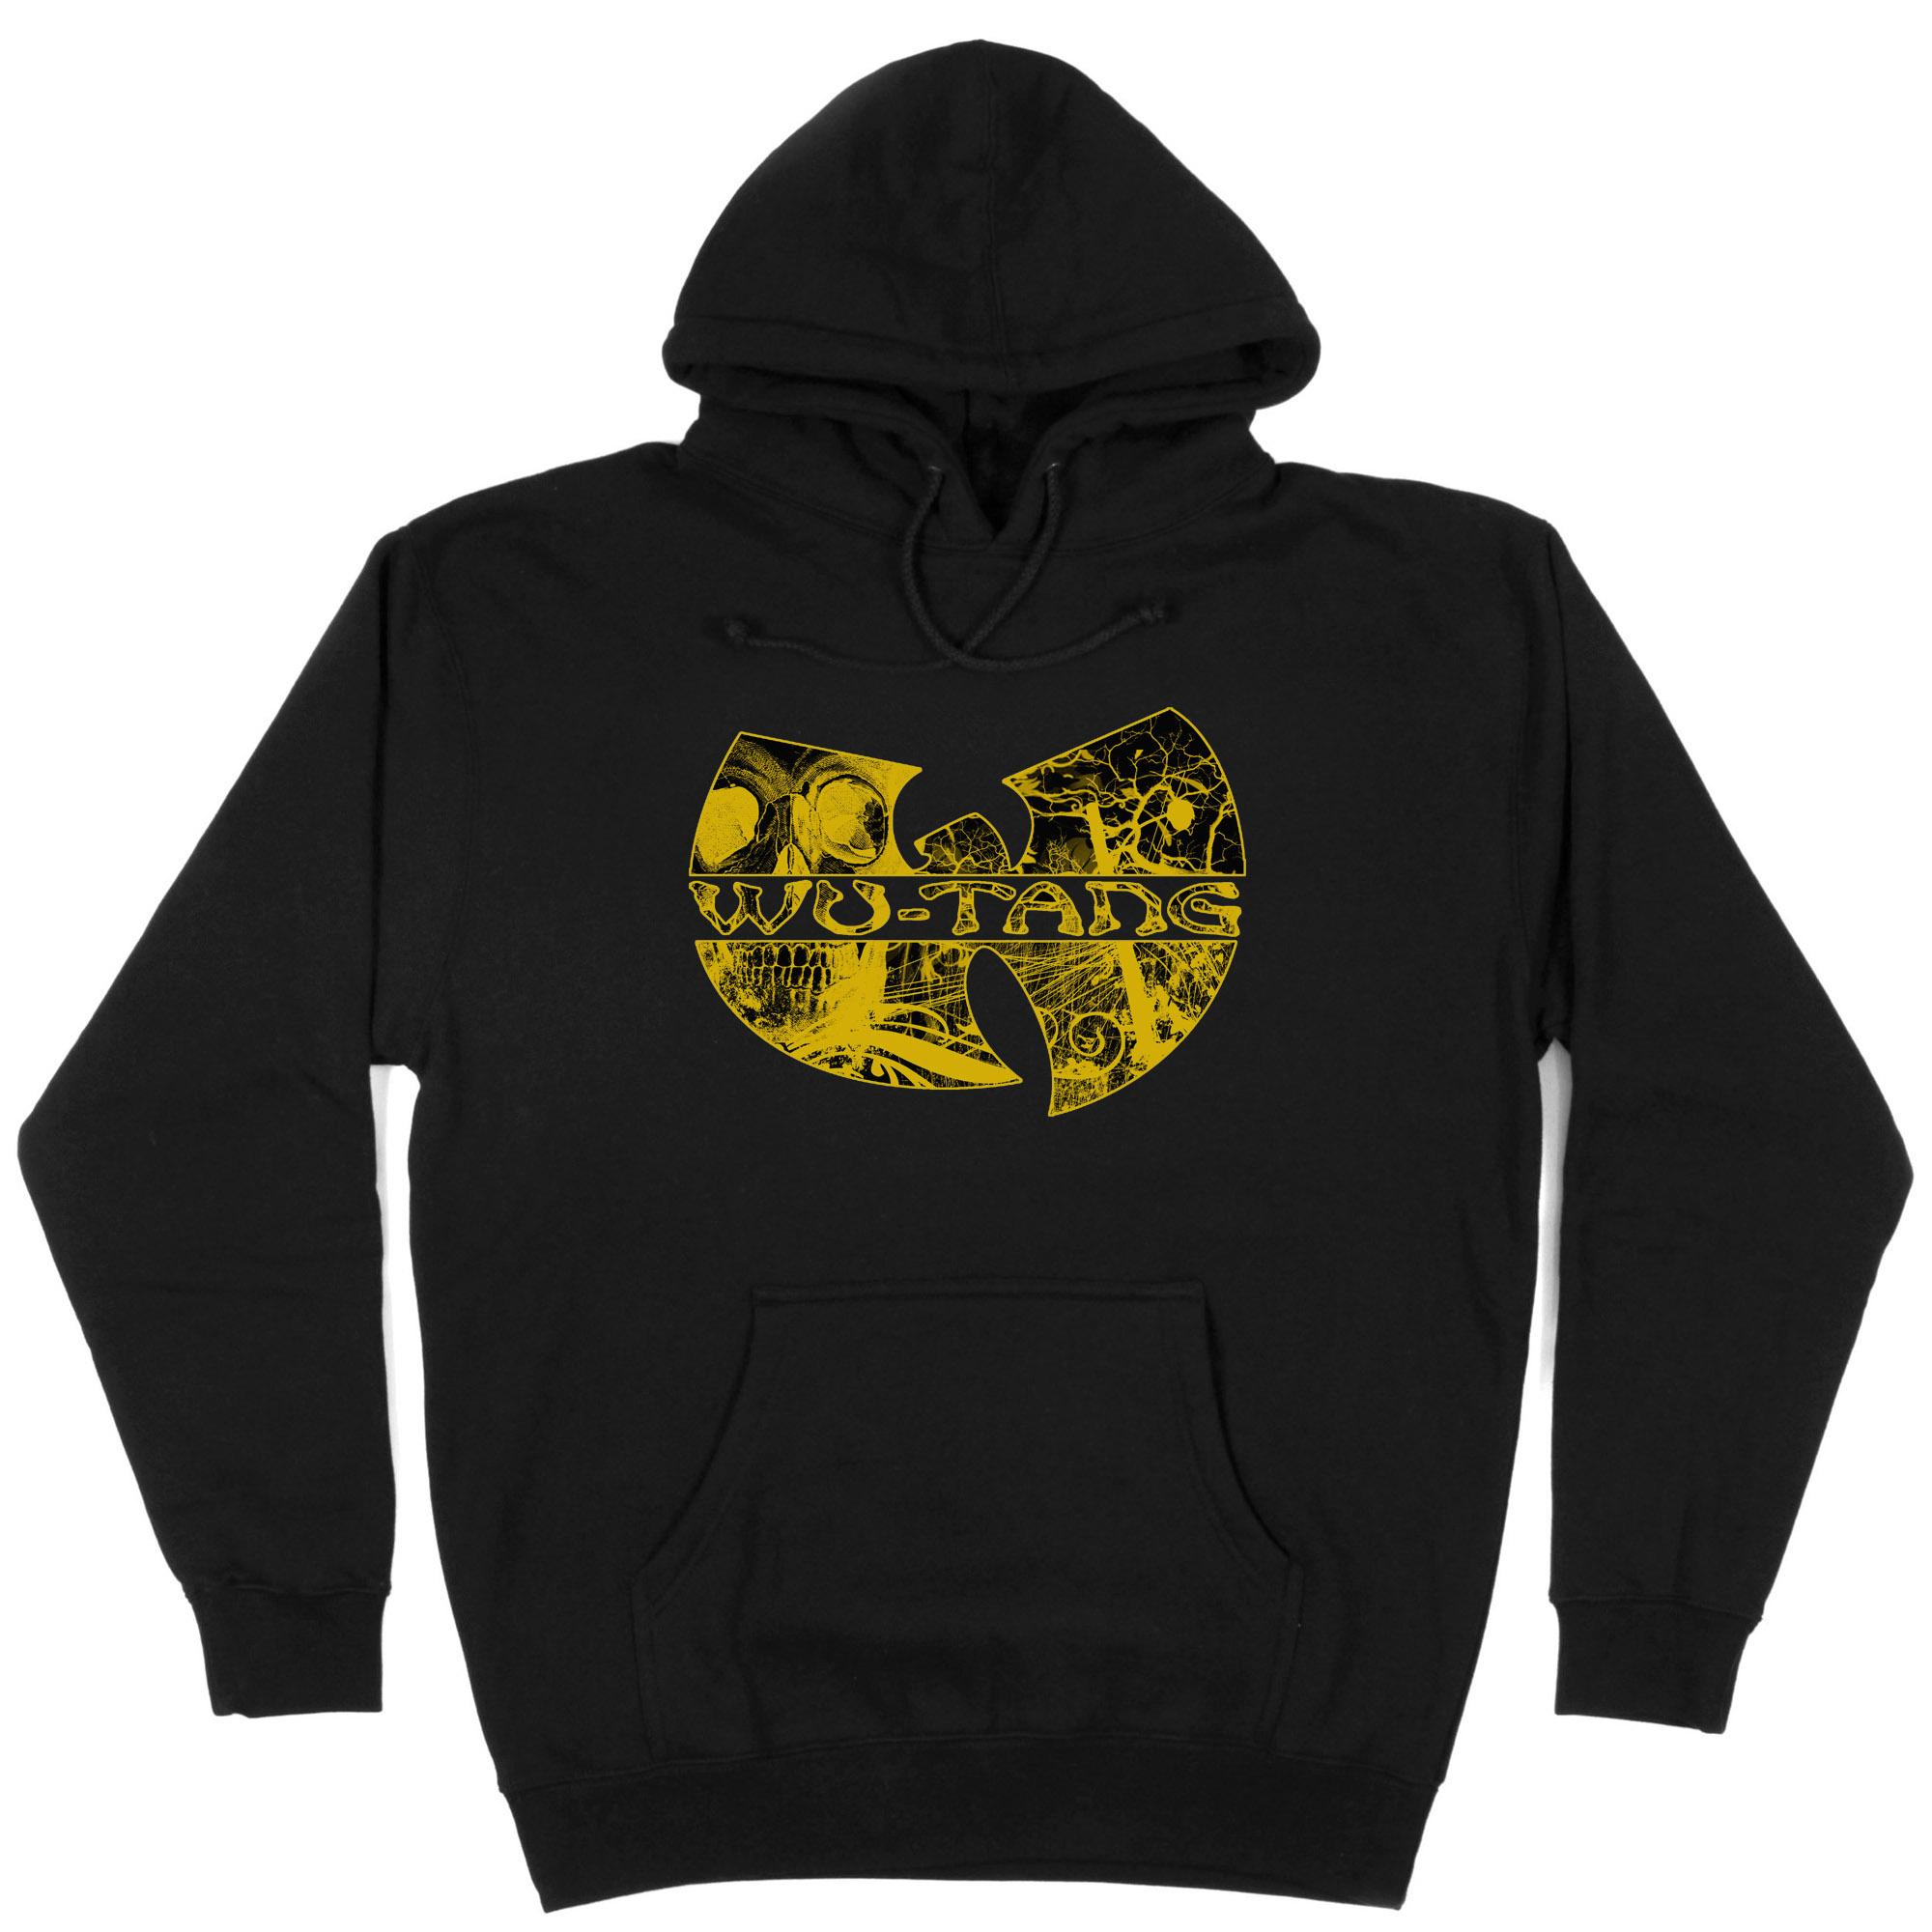 wu tang clan hoodie cool tshirt designs. Black Bedroom Furniture Sets. Home Design Ideas